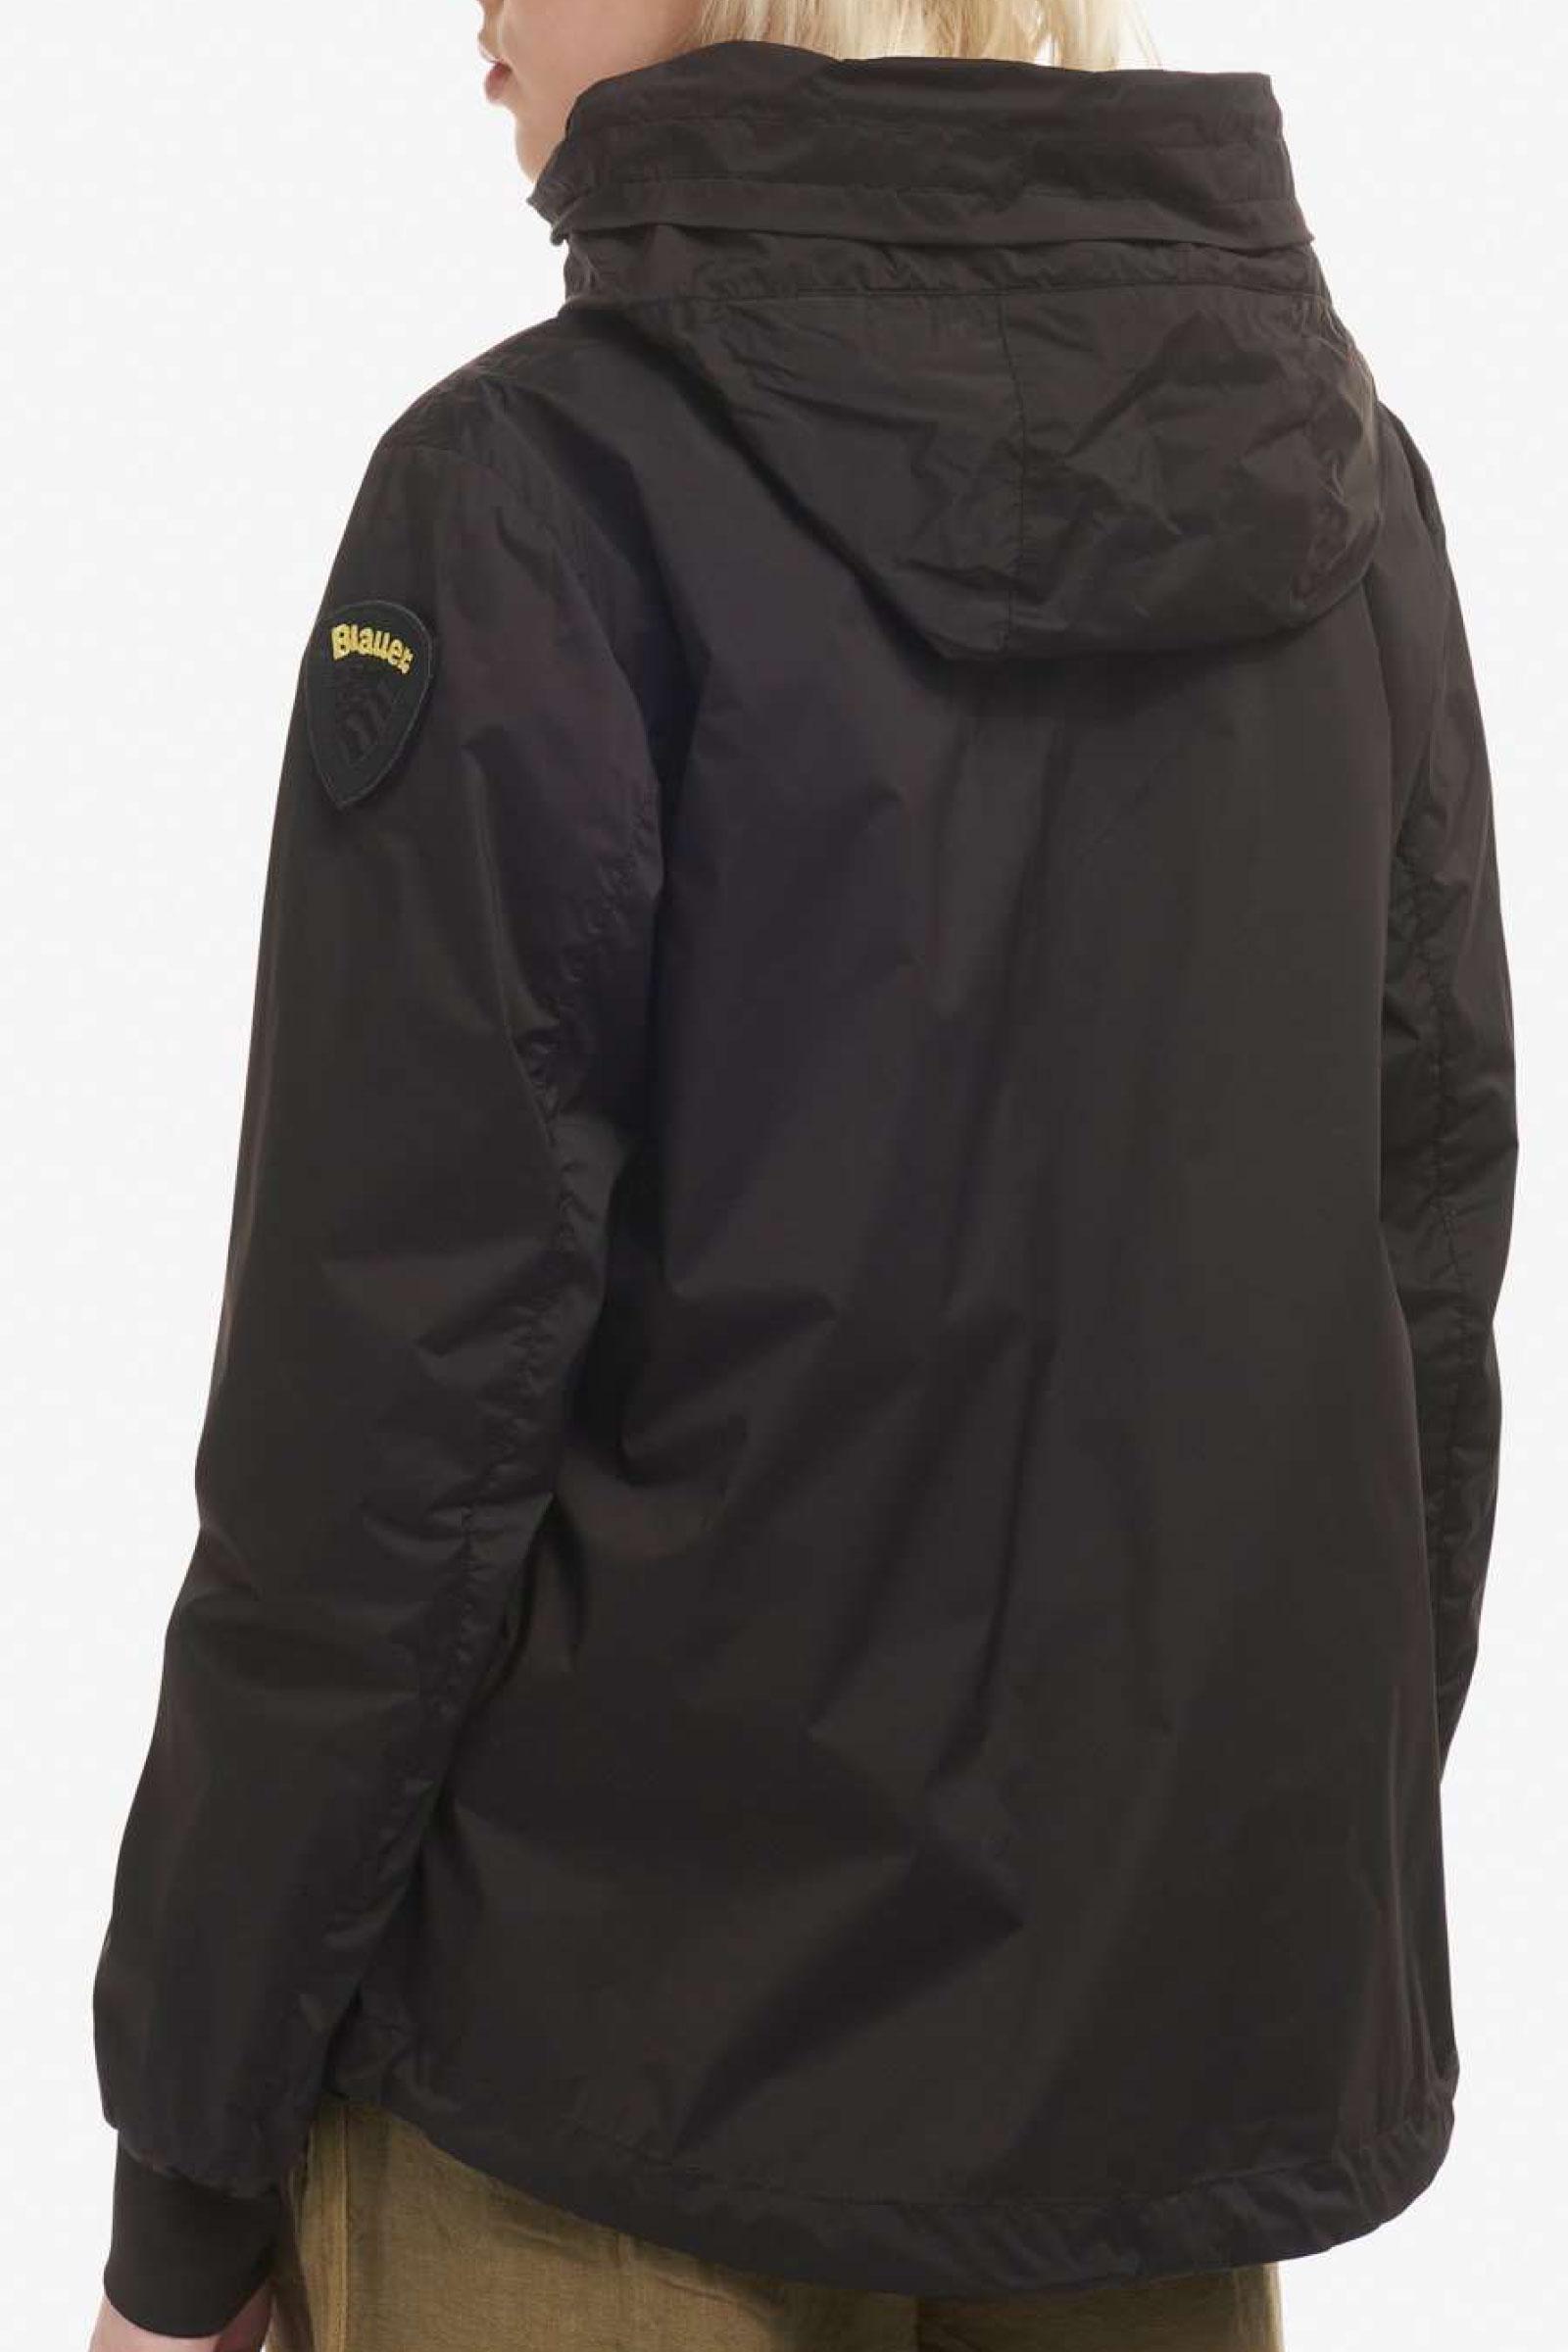 BLAUER Jacket Woman BLAUER   Jacket   21SBLDC04160999